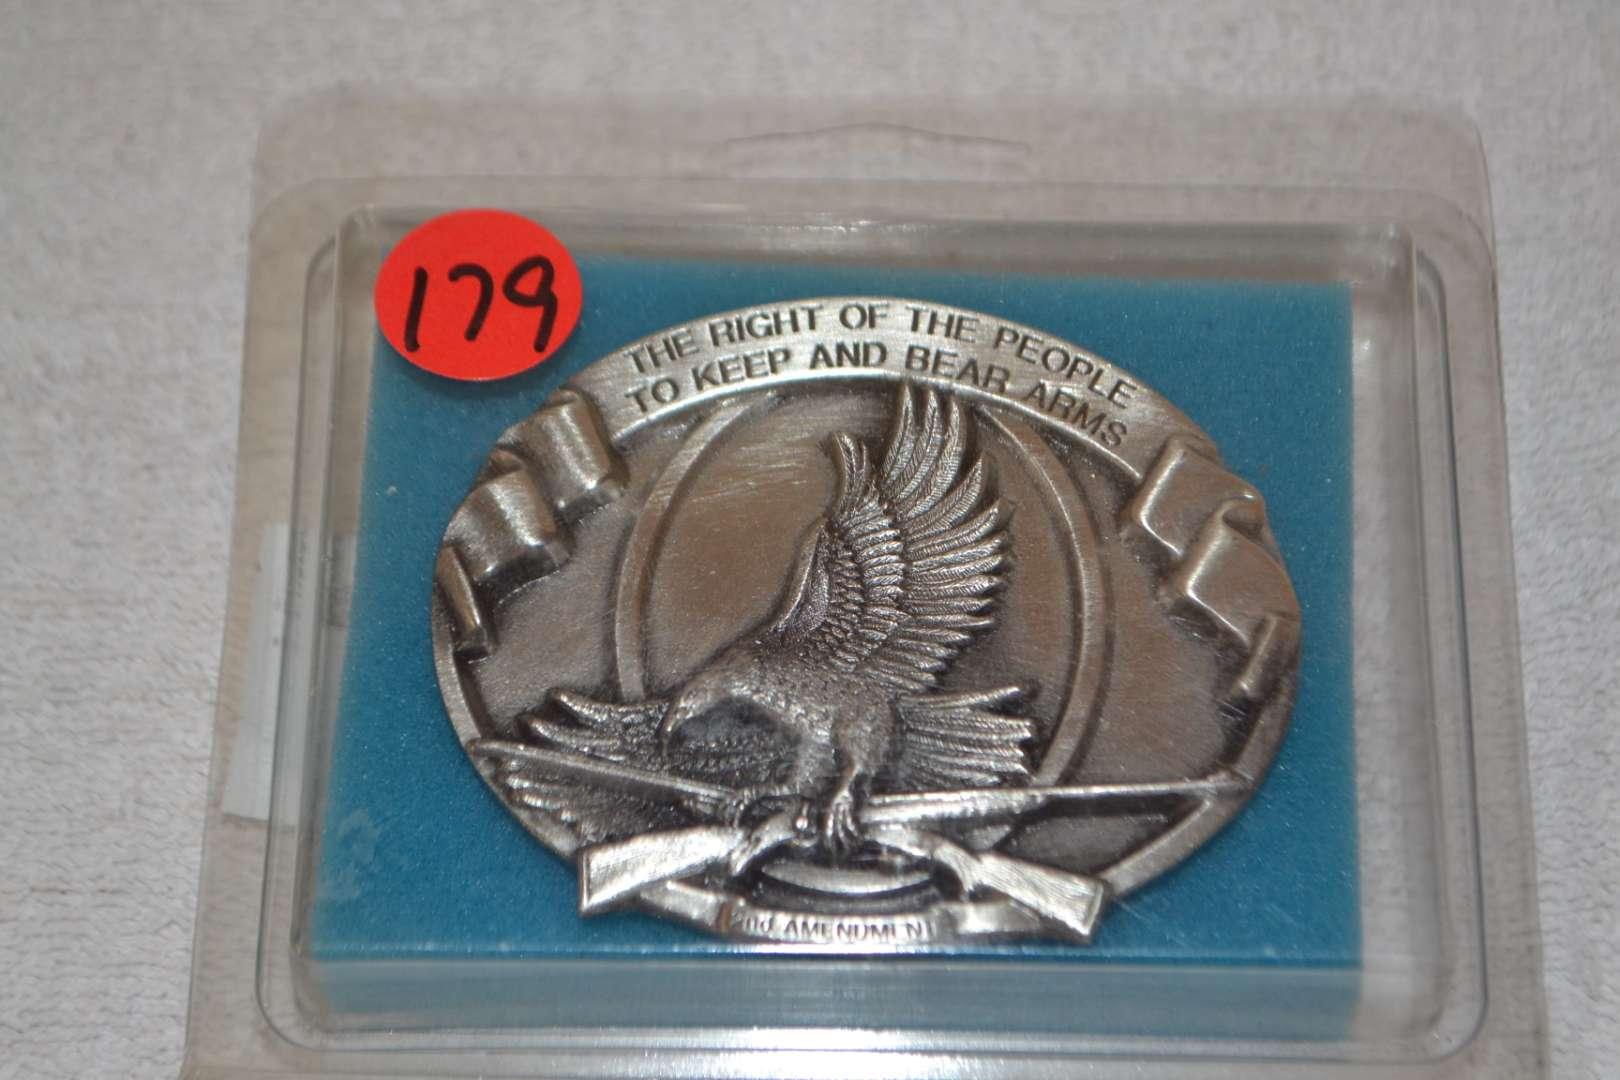 Lot # 179 NRA GOLDEN EAGLE BELT BUCKLE